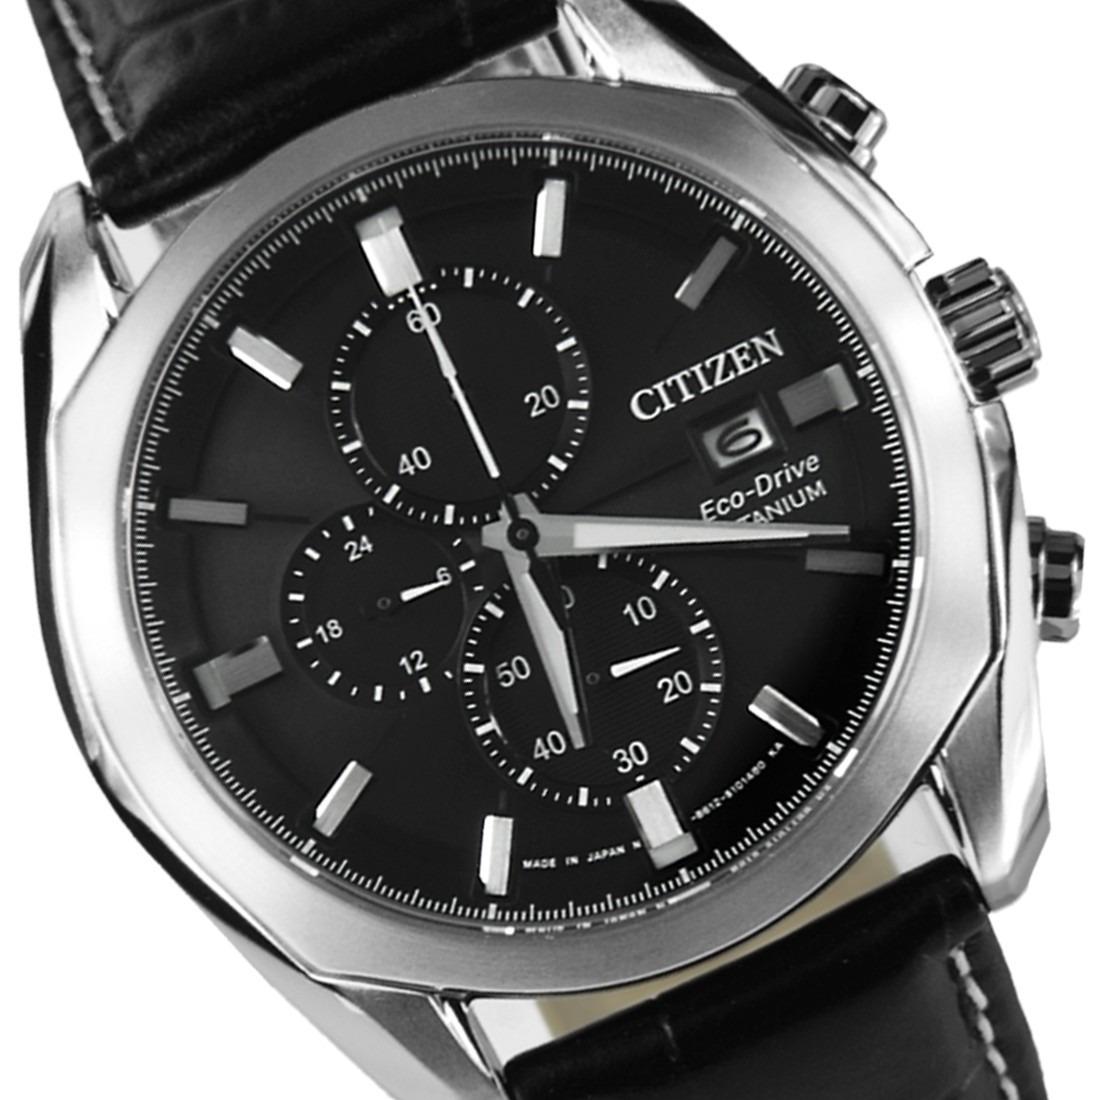 6472d6b7142 relógio citizen titanium eco drive chronograph novo. Carregando zoom.